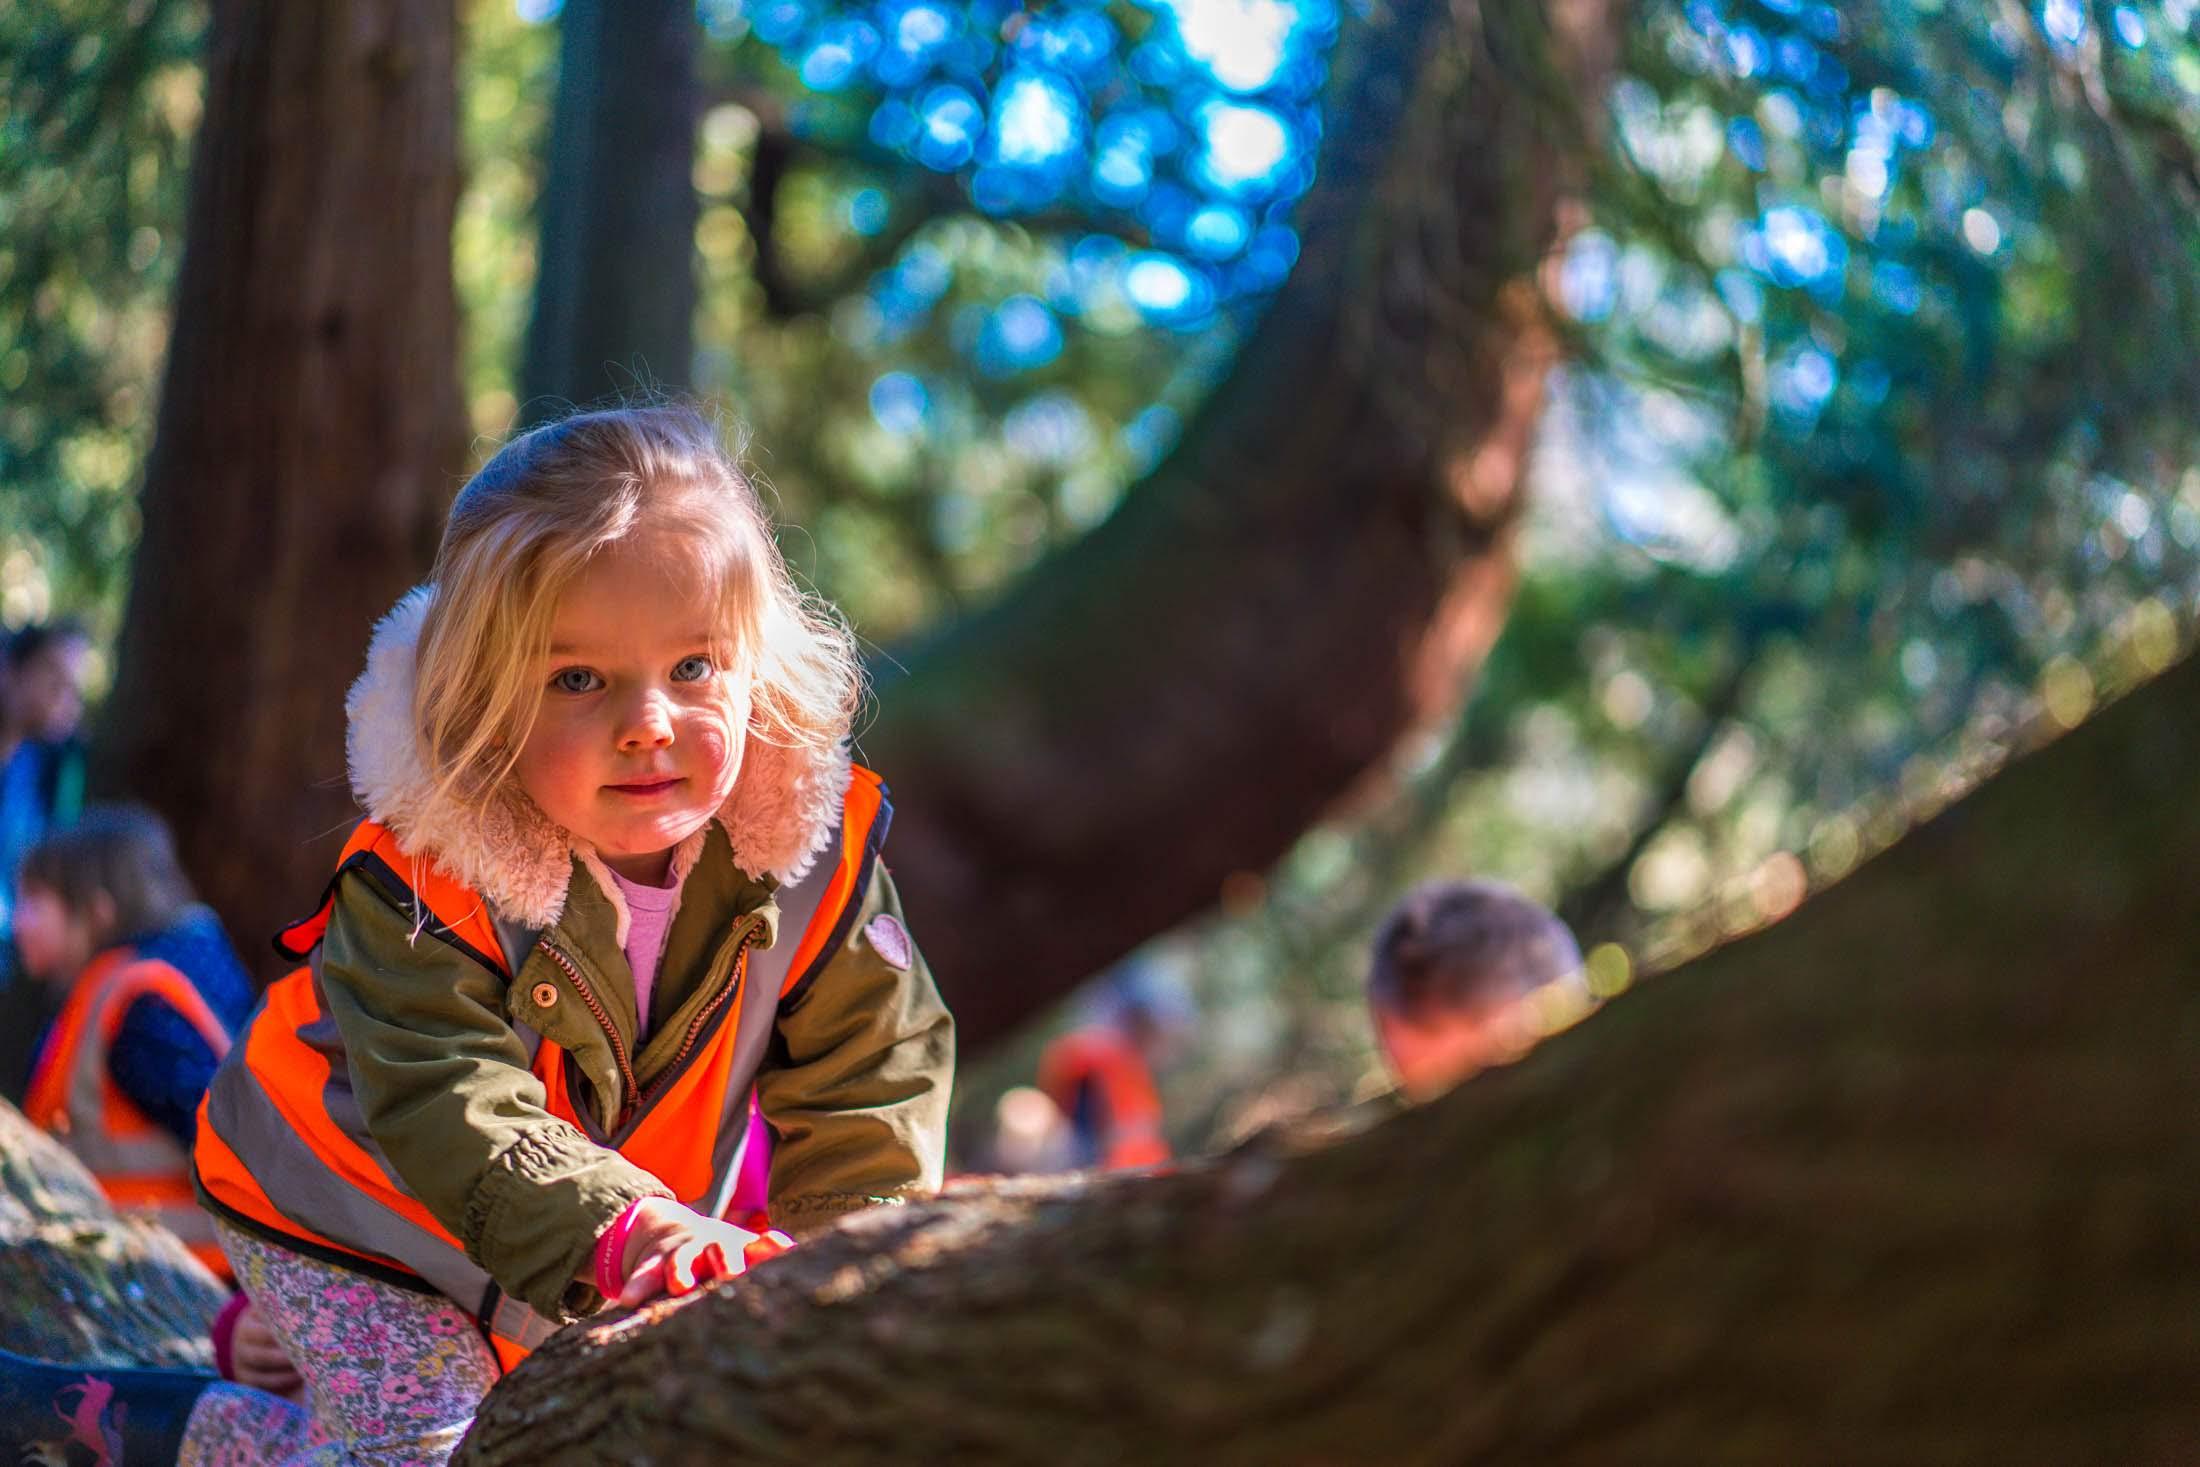 westonbirt-arboretum-2019-02-27--2279-234435-208.jpg